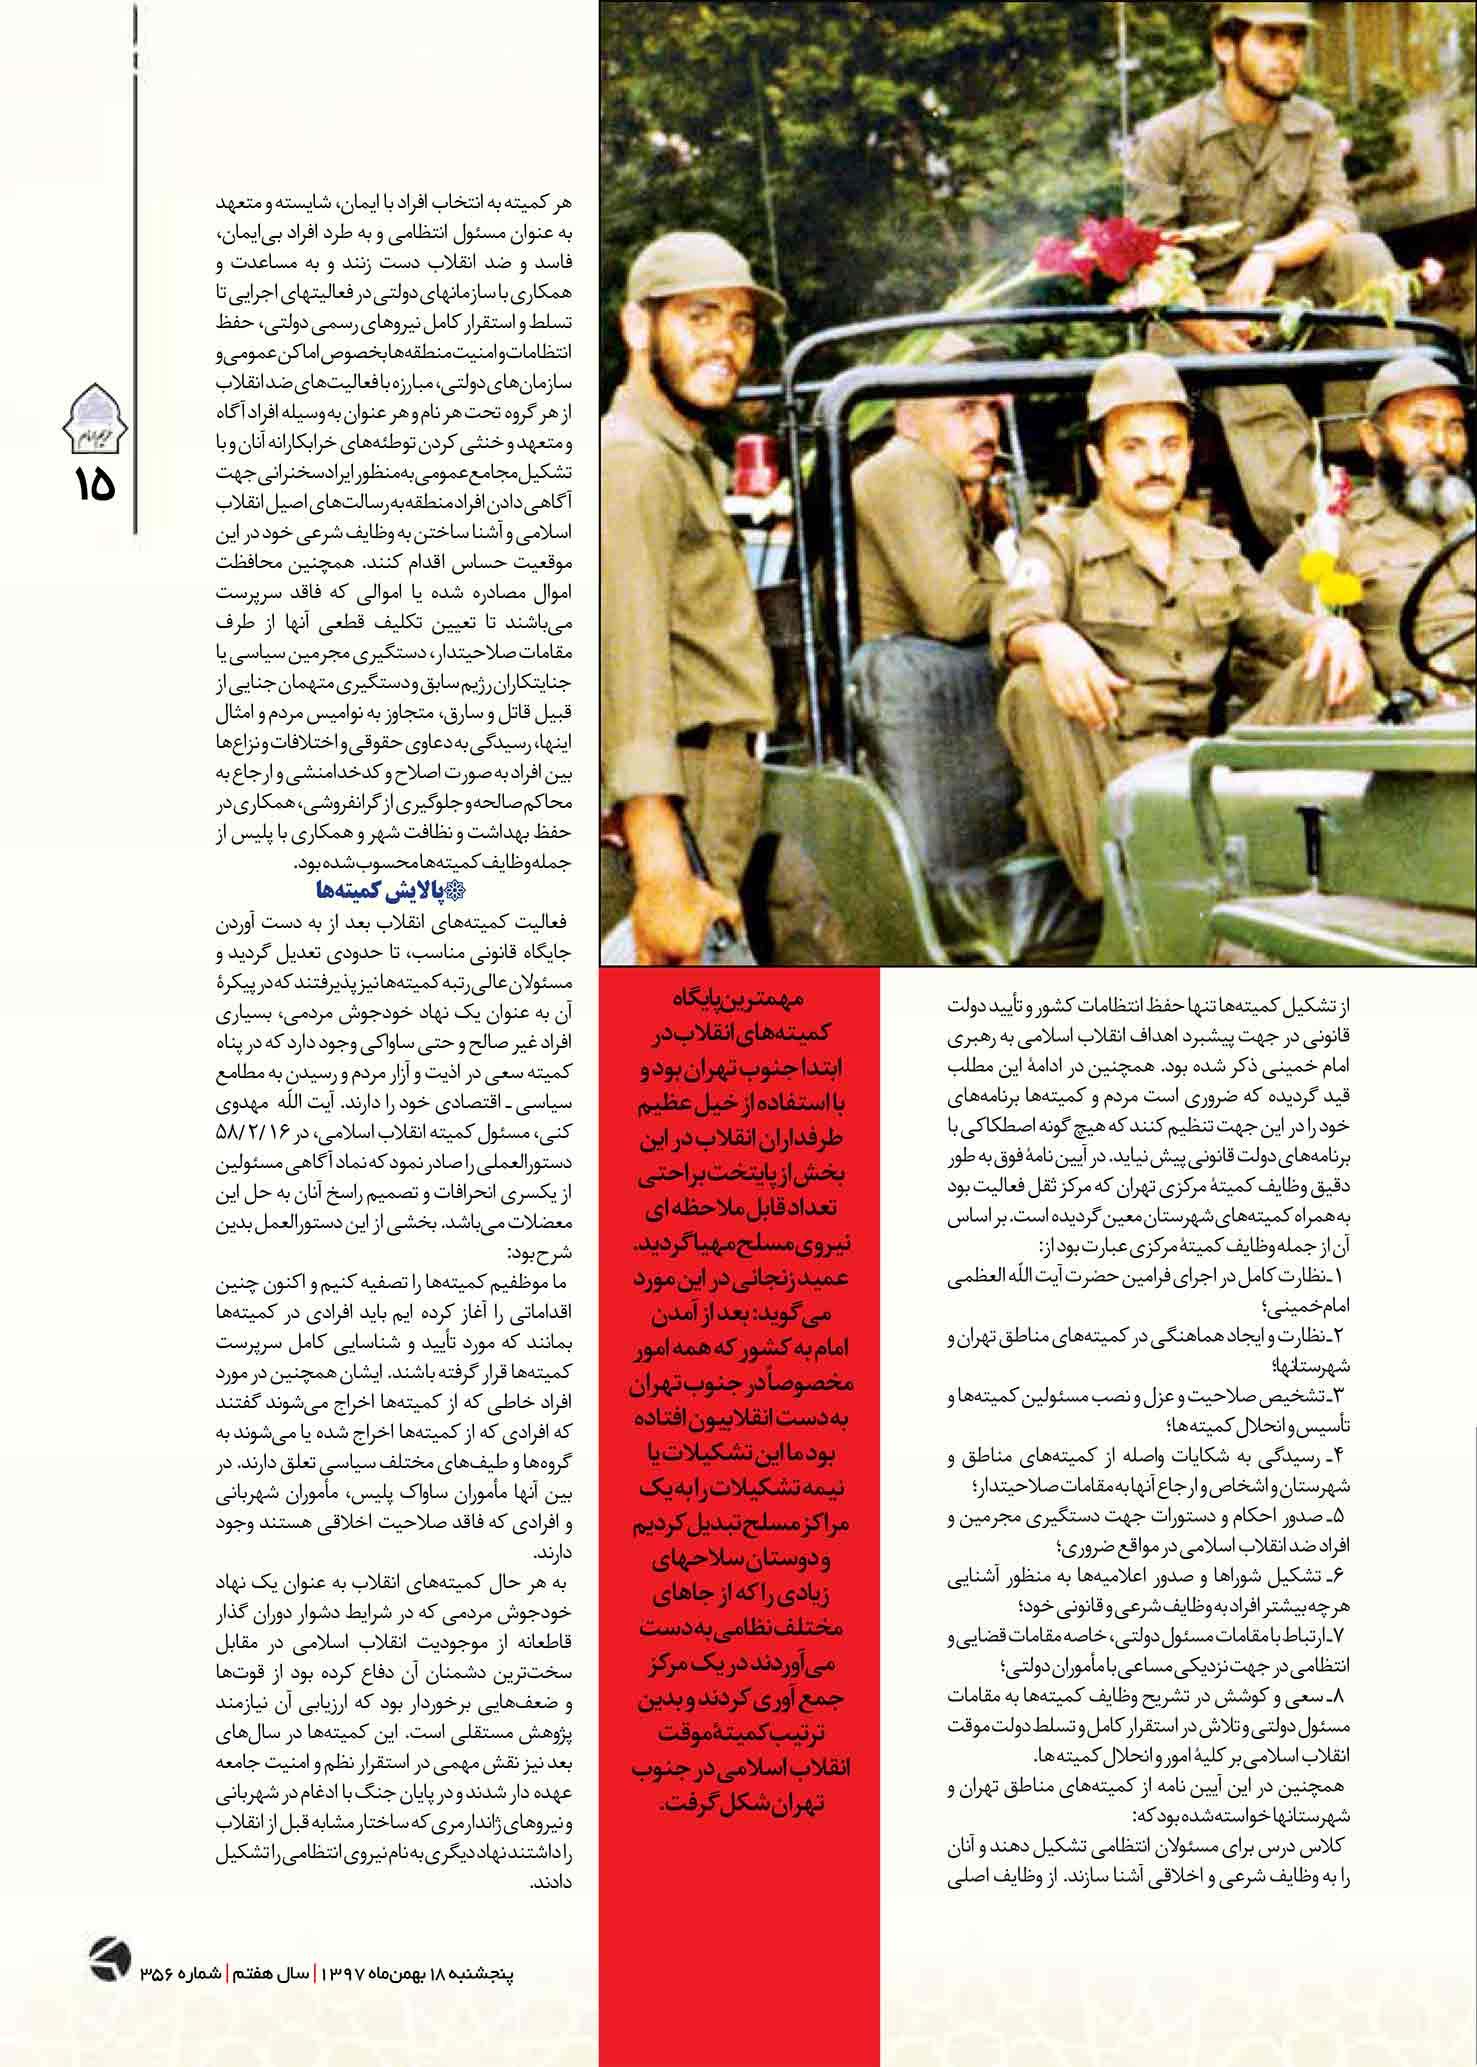 D:\خلوجینی\New folder\@harim_emam356-15.jpg